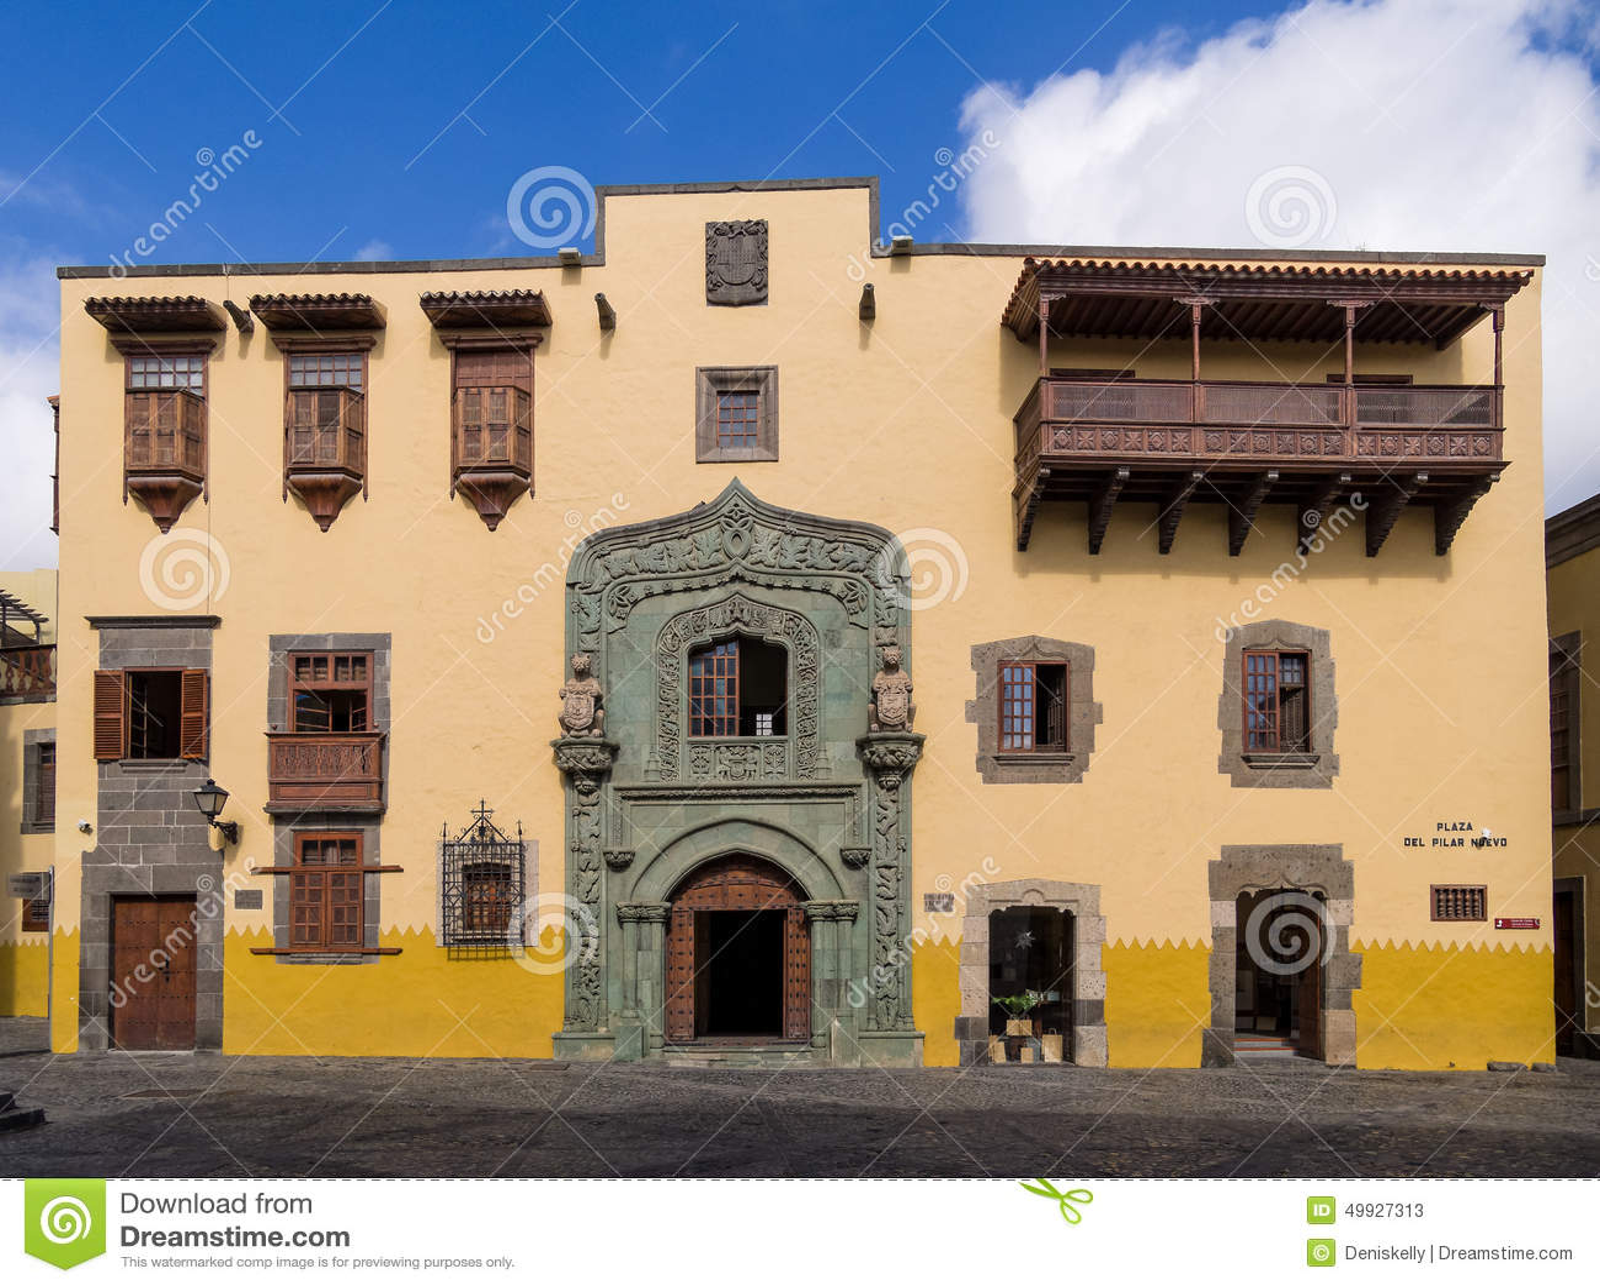 Christopher Columbus House Las Palmas De Gran Canaria Editorial Stock Photo -...